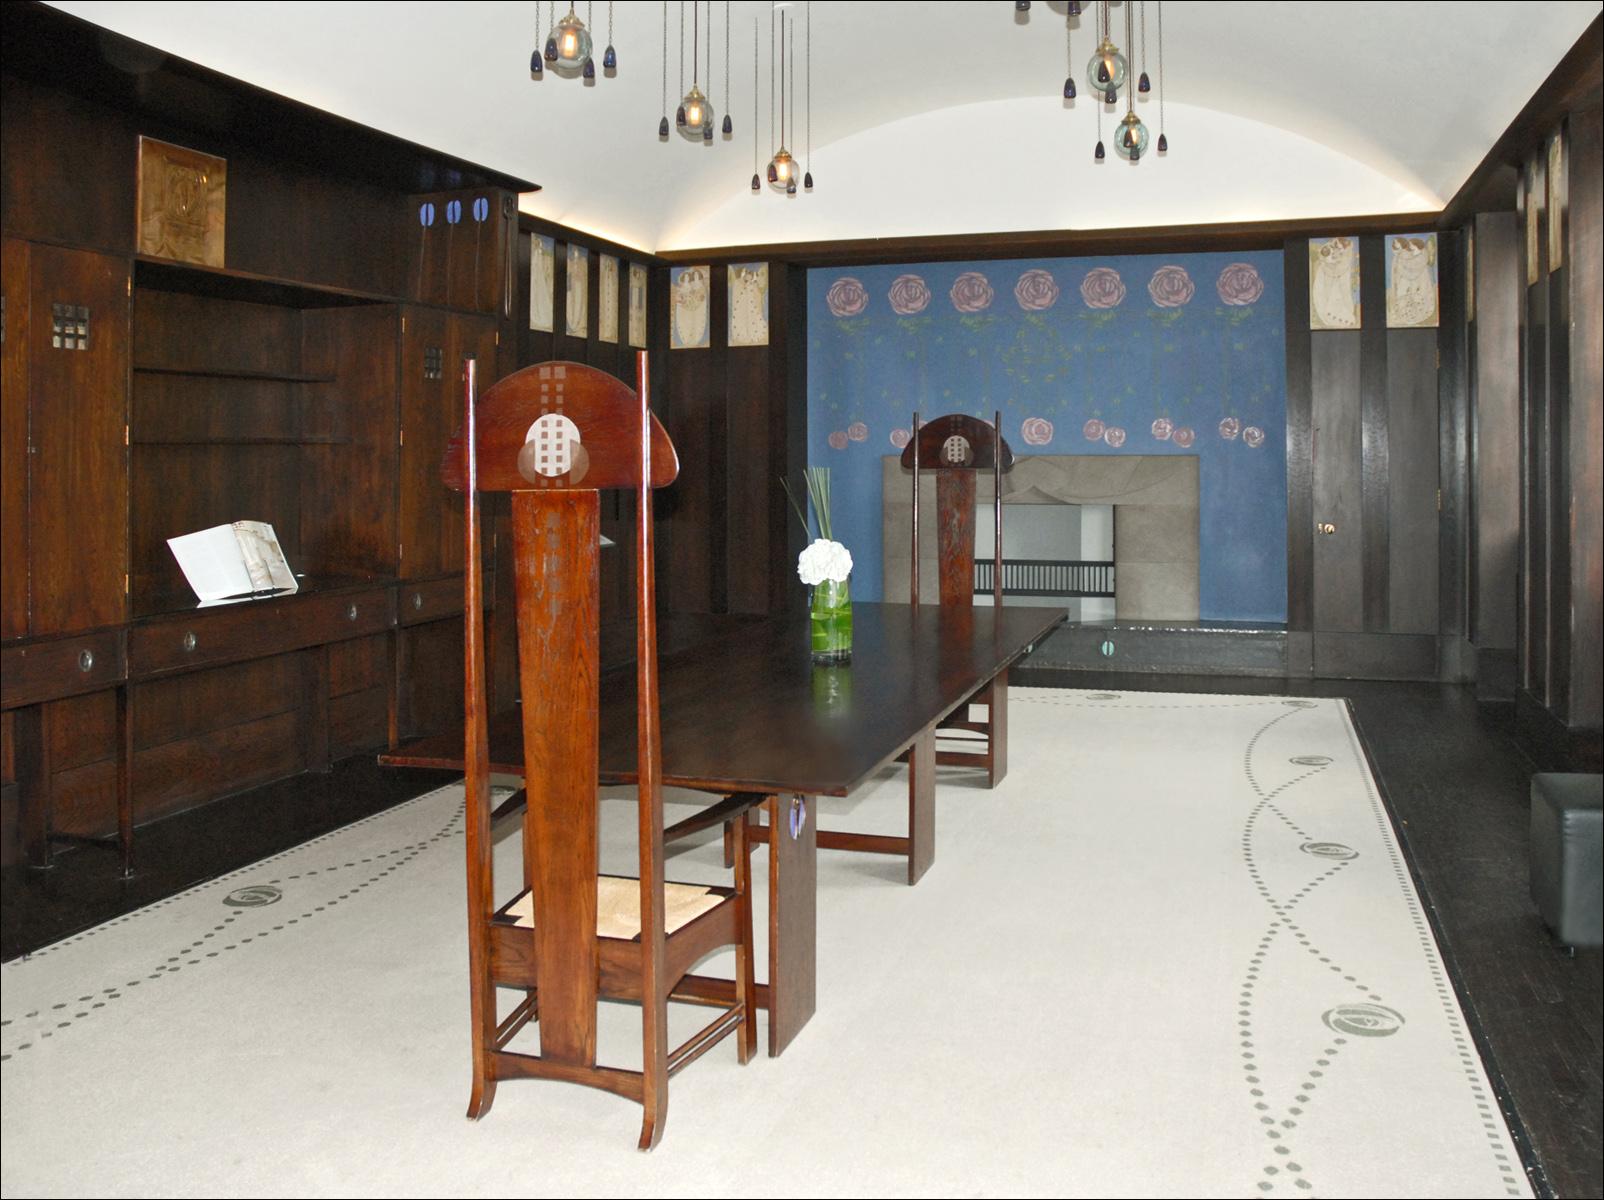 FileLa Salle A Manger House For An Art Lover Glasgow